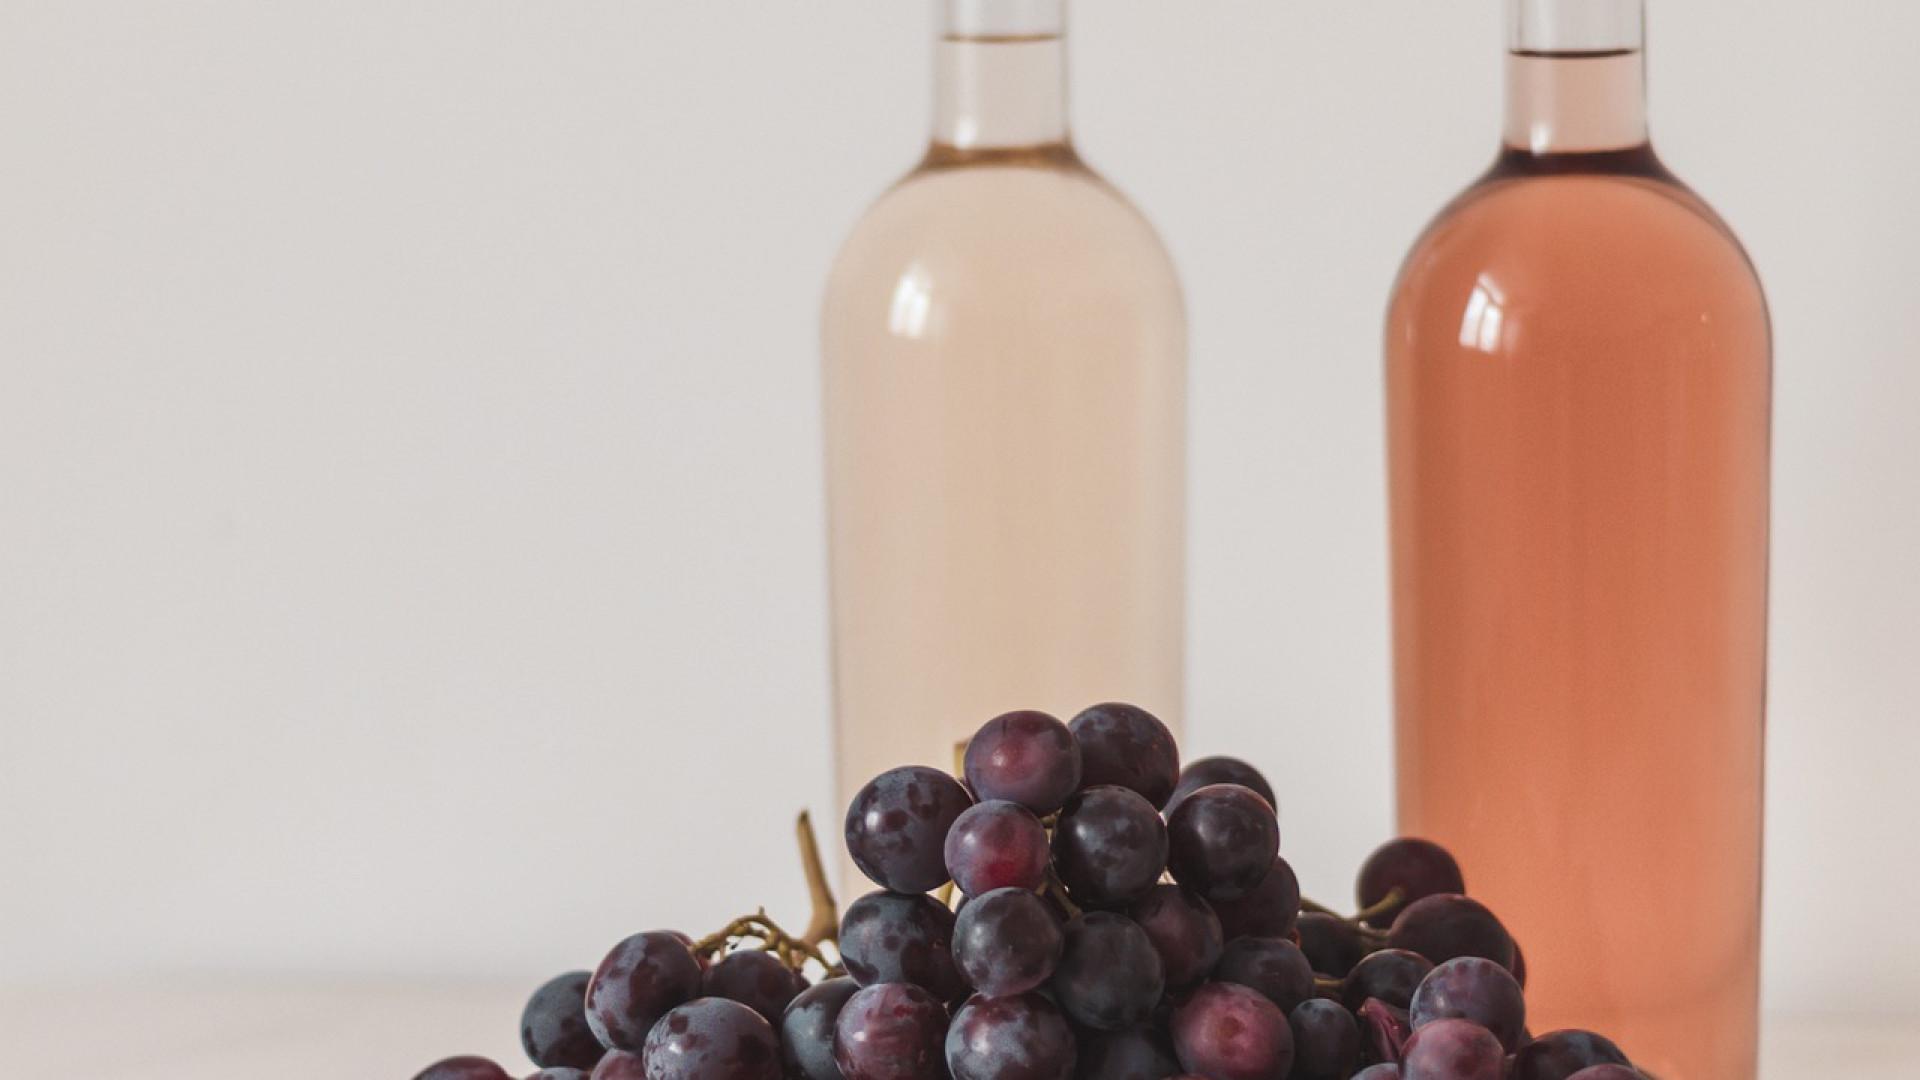 4 choses à savoir sur la box de vin comme cadeau de Noël